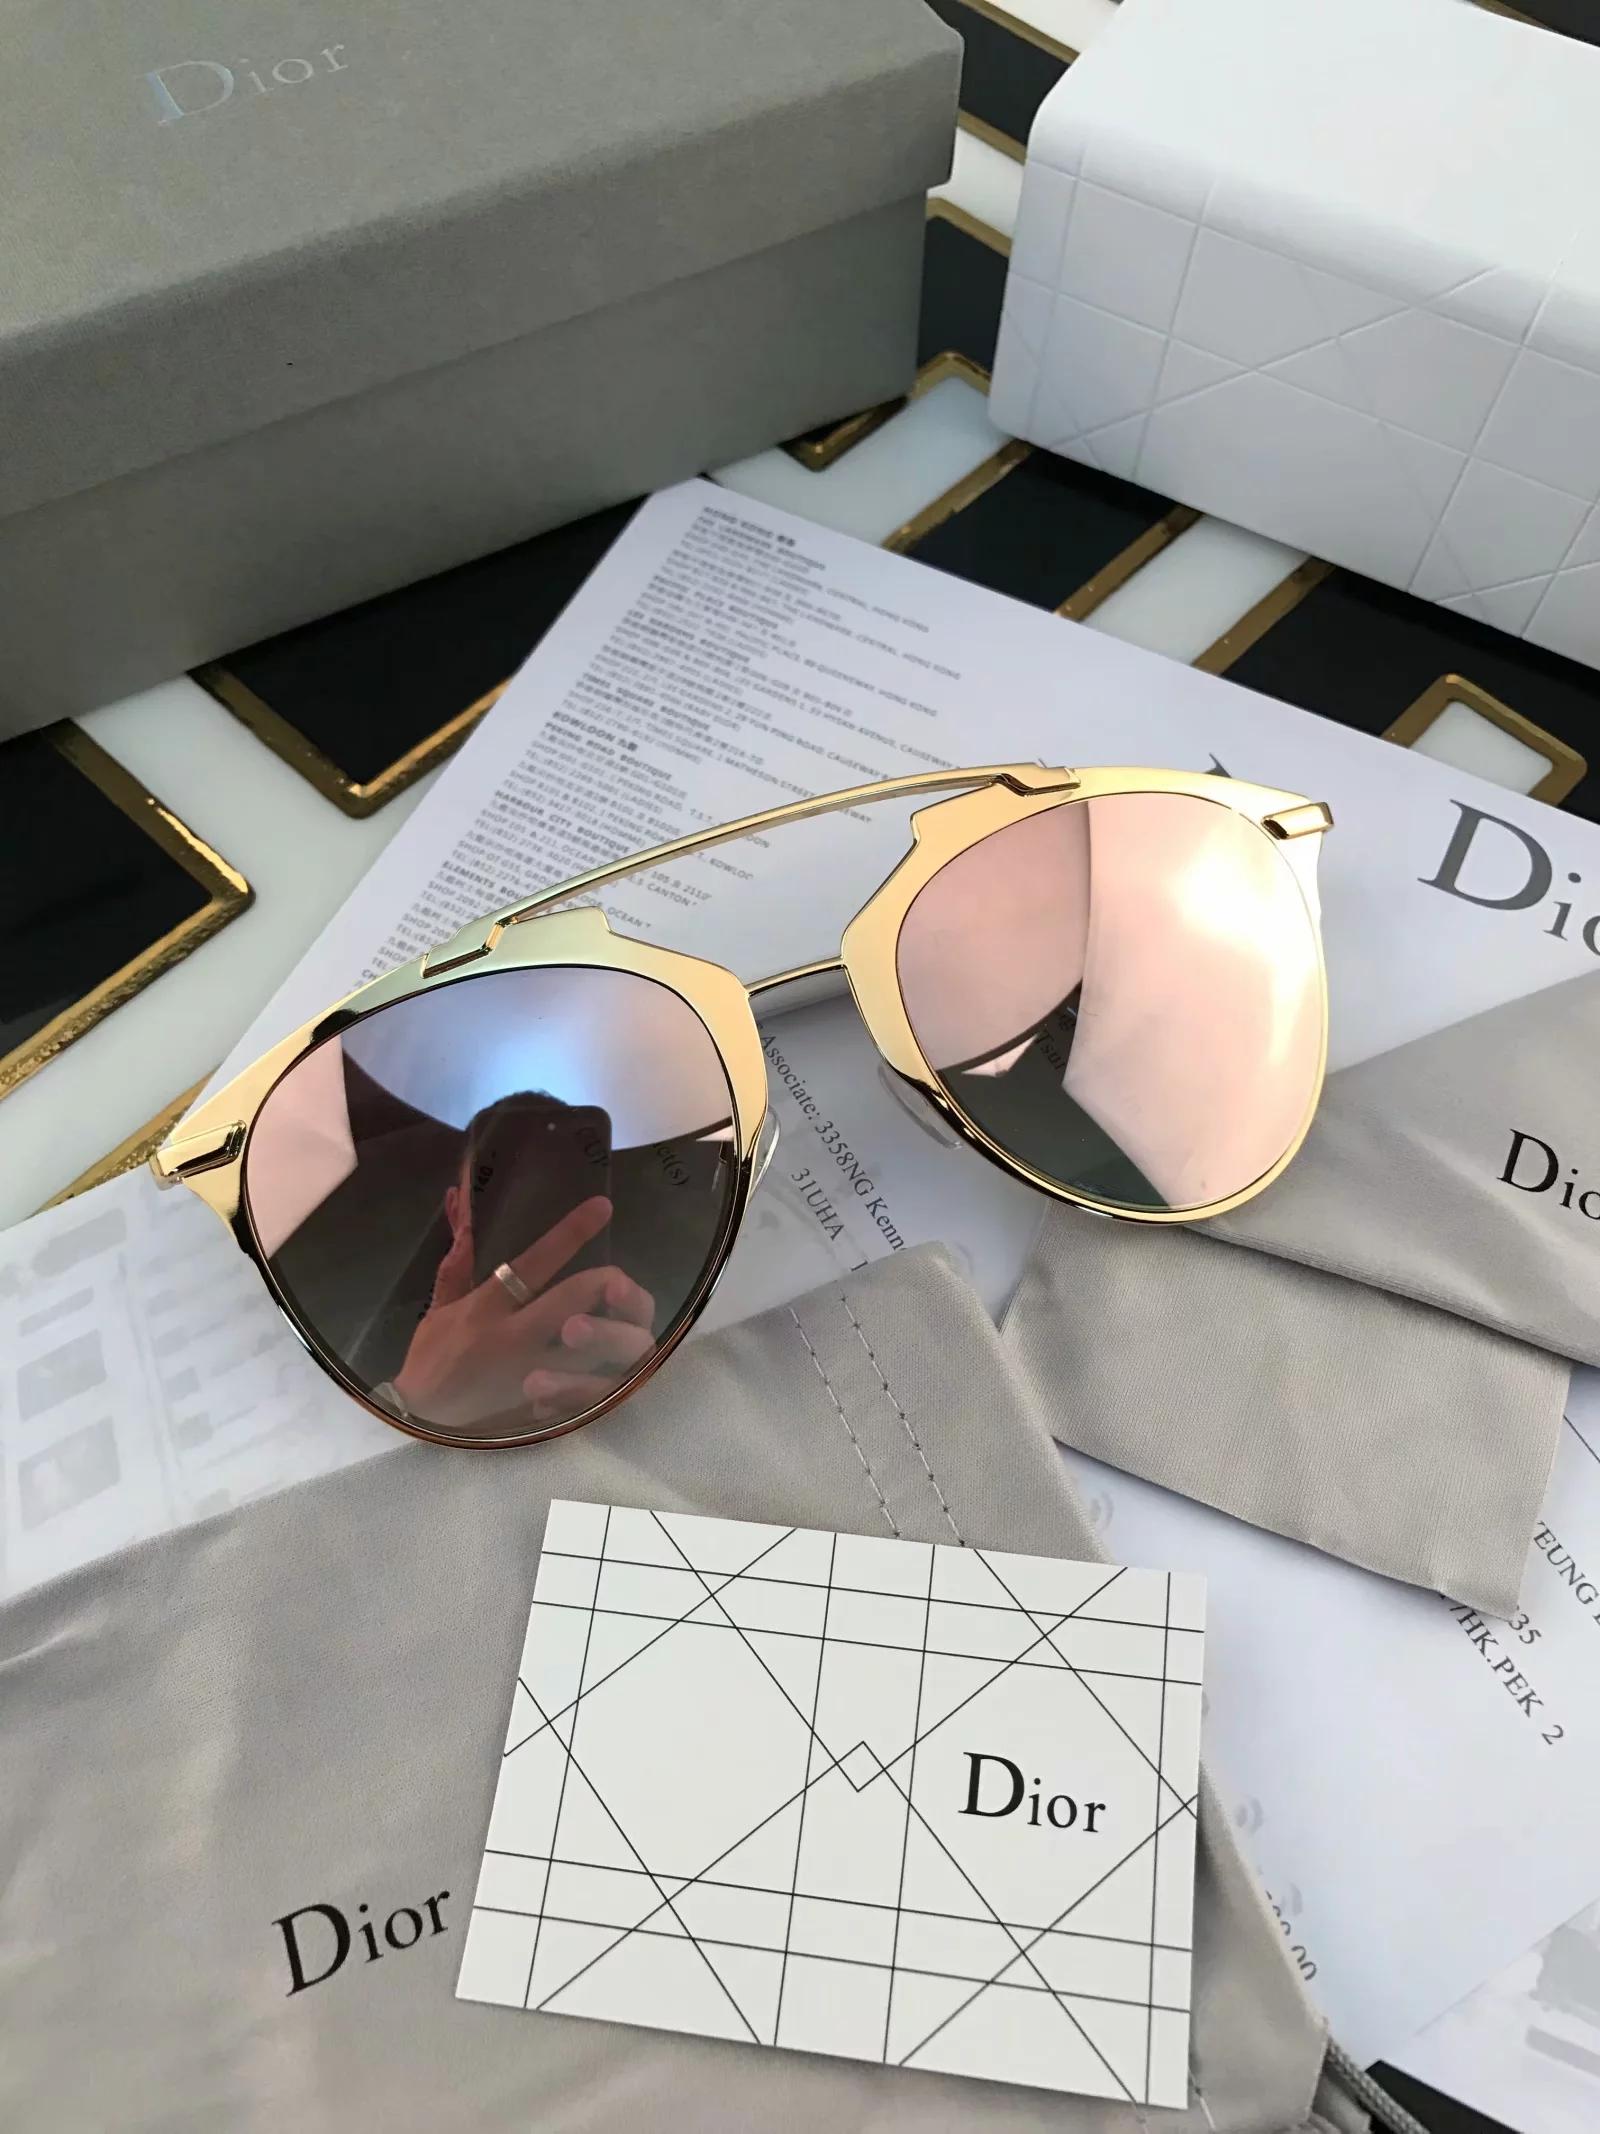 7ab17de9c75 Dior BRAND DESIGN Ultralight Pilot Sunglasses Men Polarized Driving Sun glasses  Male Outdoor Sports Goggles UV400 Fashion Optical